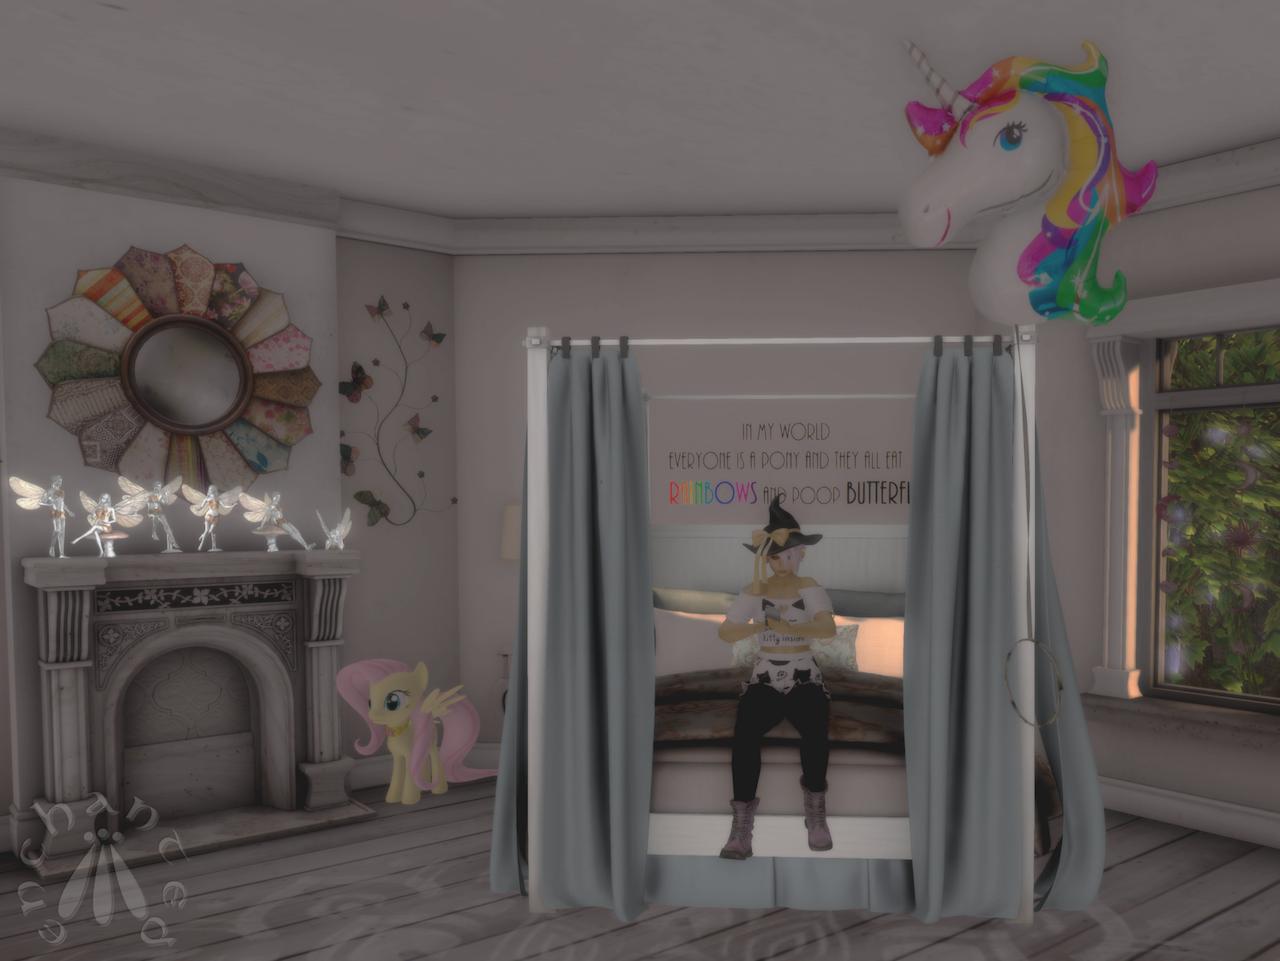 TWP's room AfP BLOG - 9